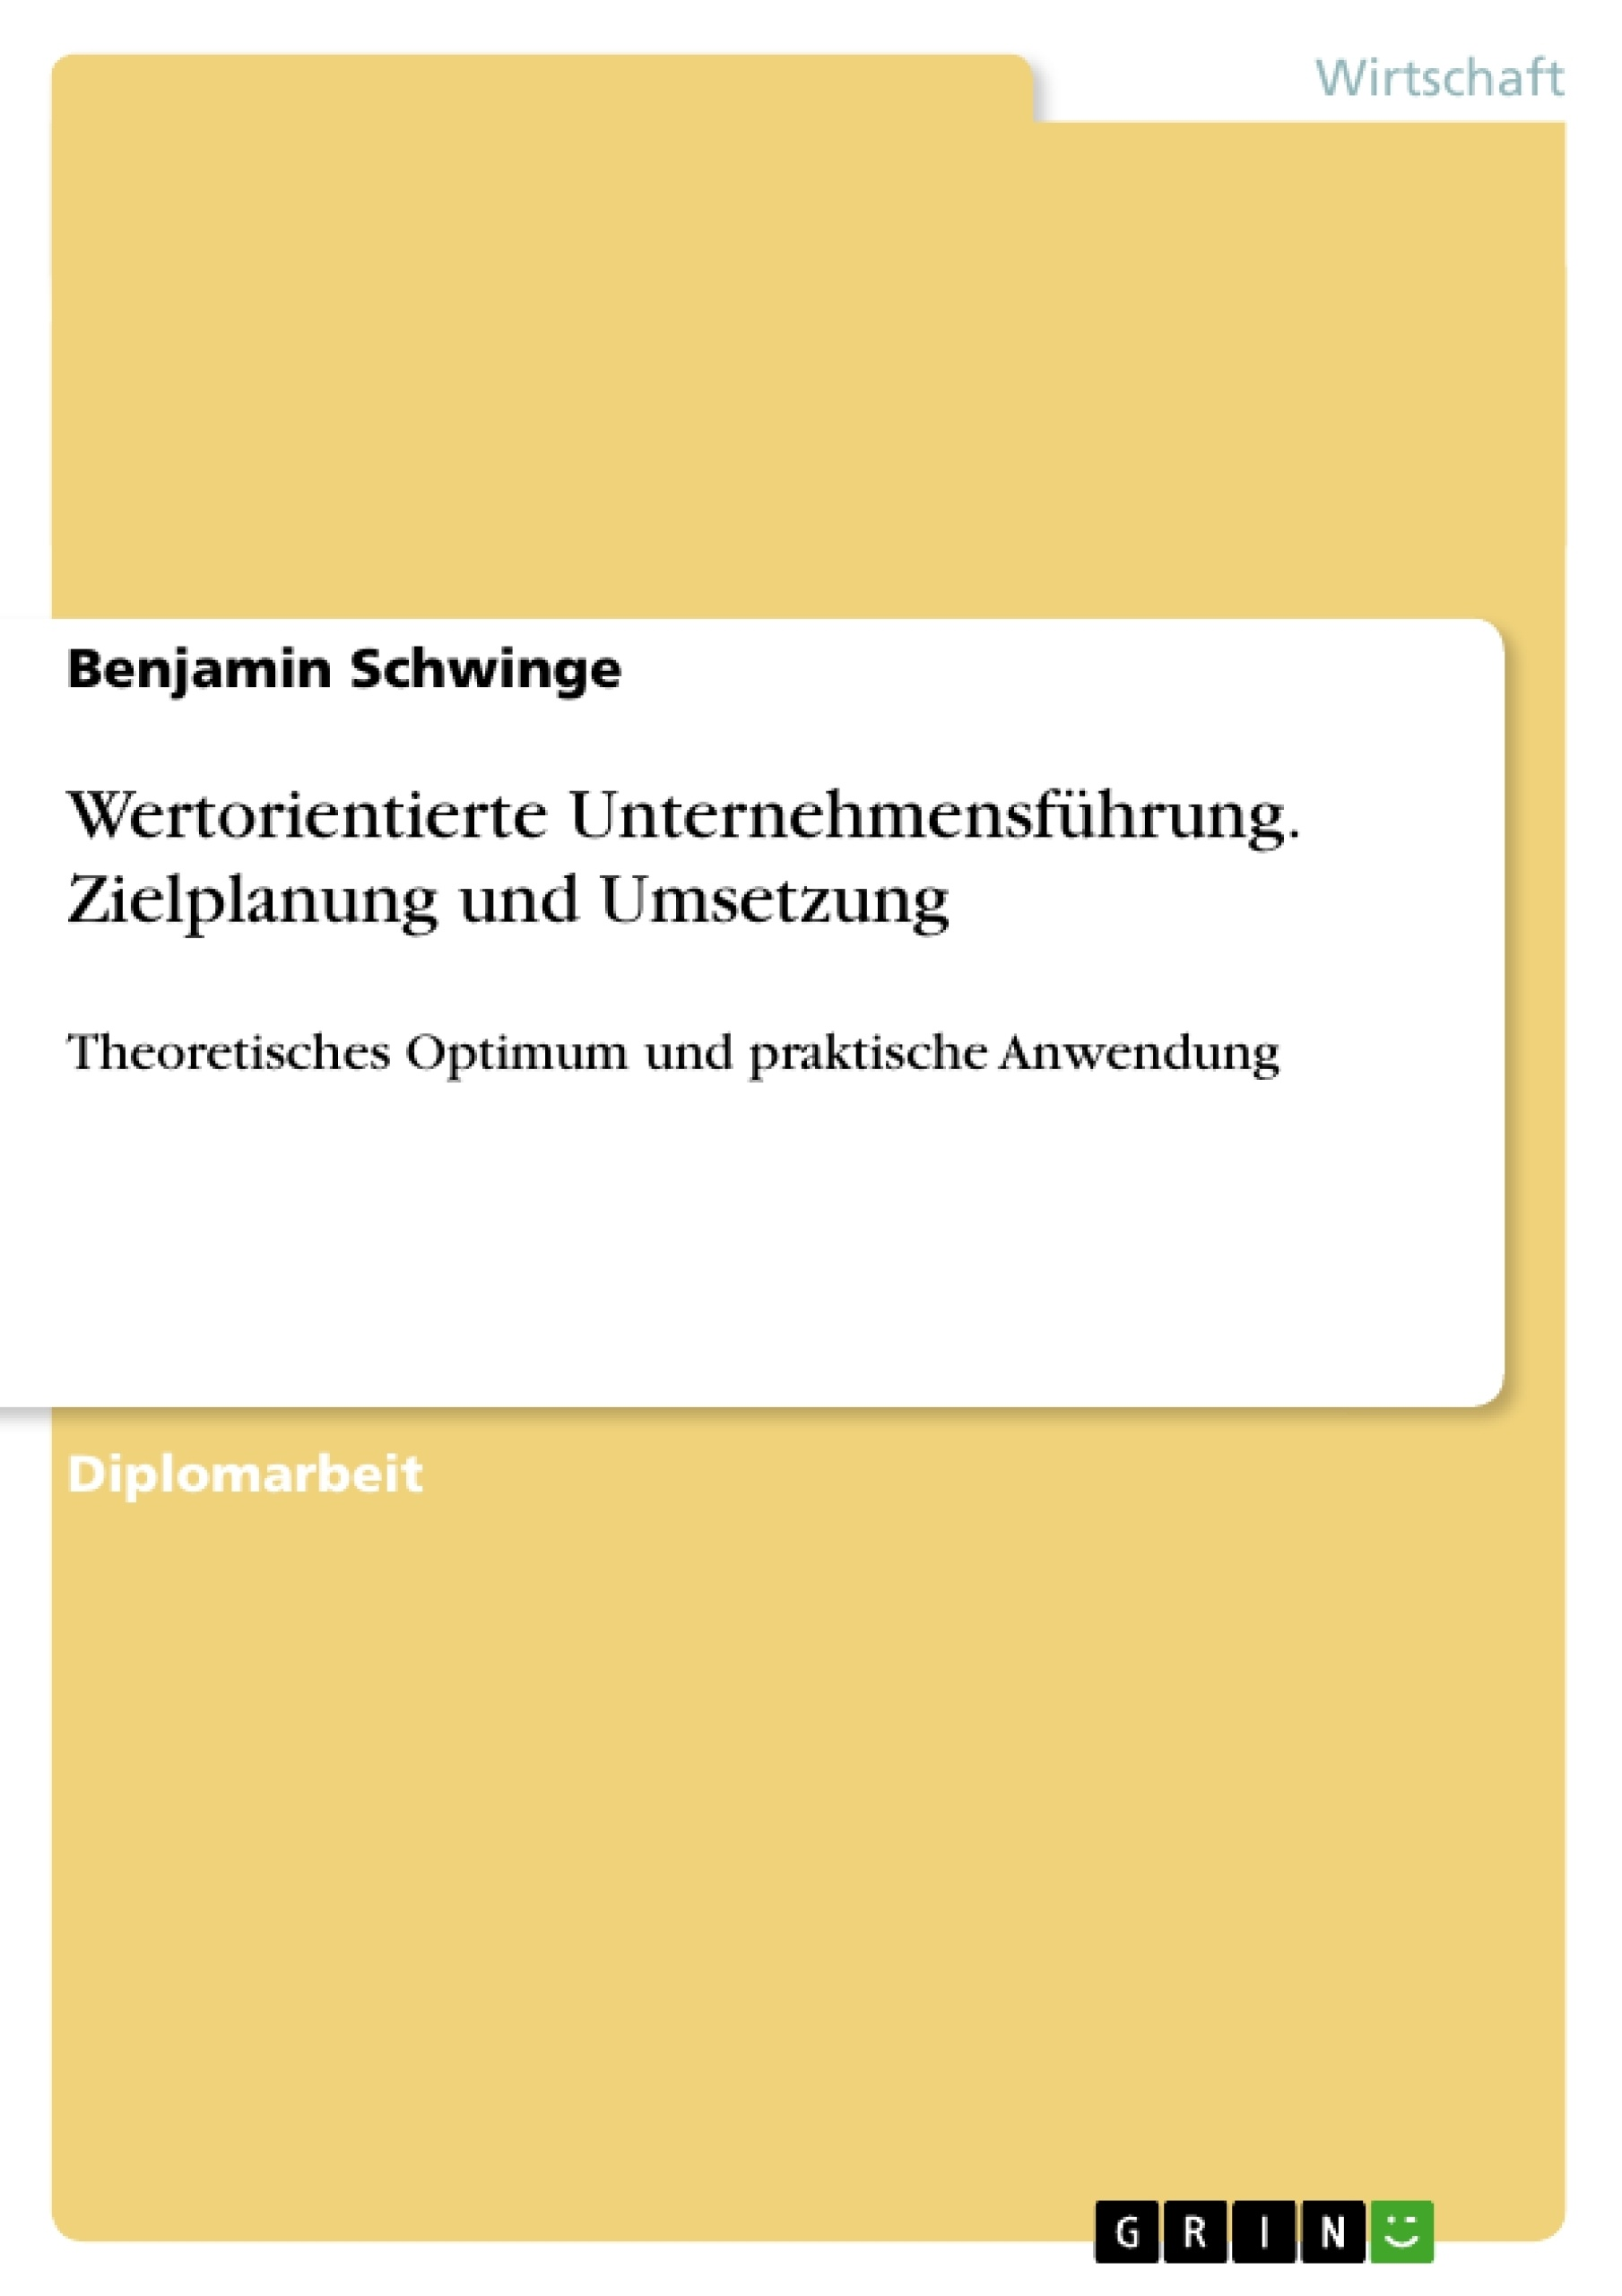 Titel: Wertorientierte Unternehmensführung. Zielplanung und Umsetzung